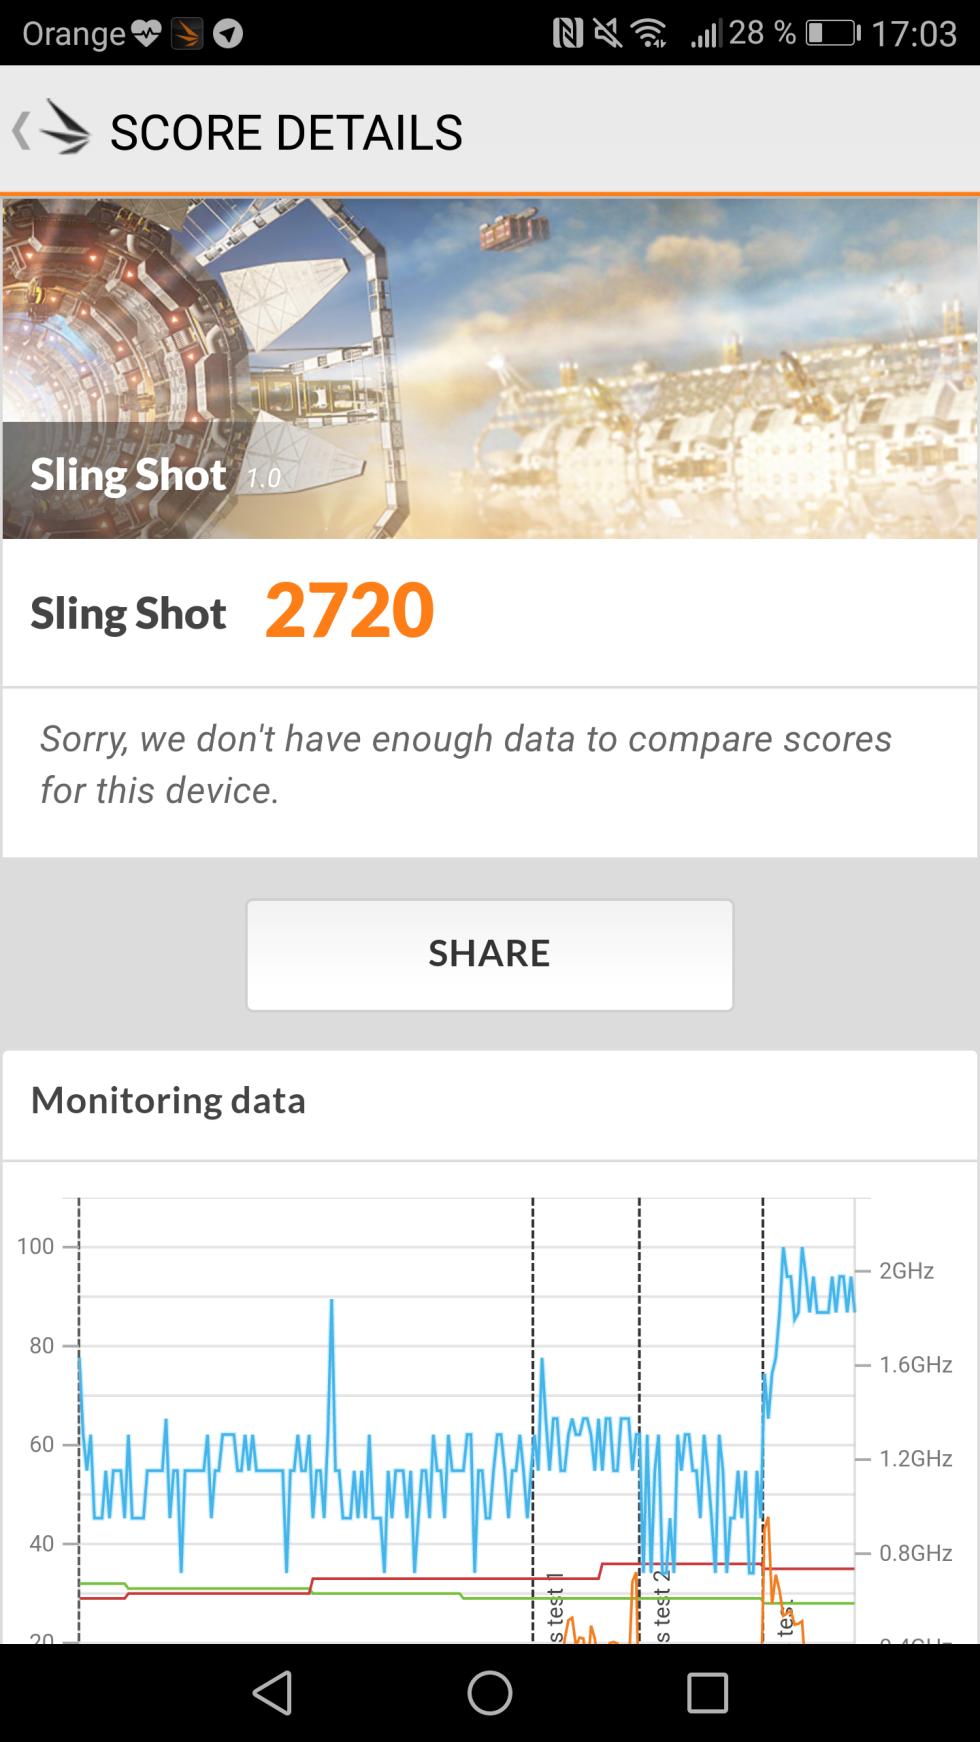 El Huawei P10 Plus llega a los 2.720 puntos en la prueba Sling Shot 1.0 de 3DMark